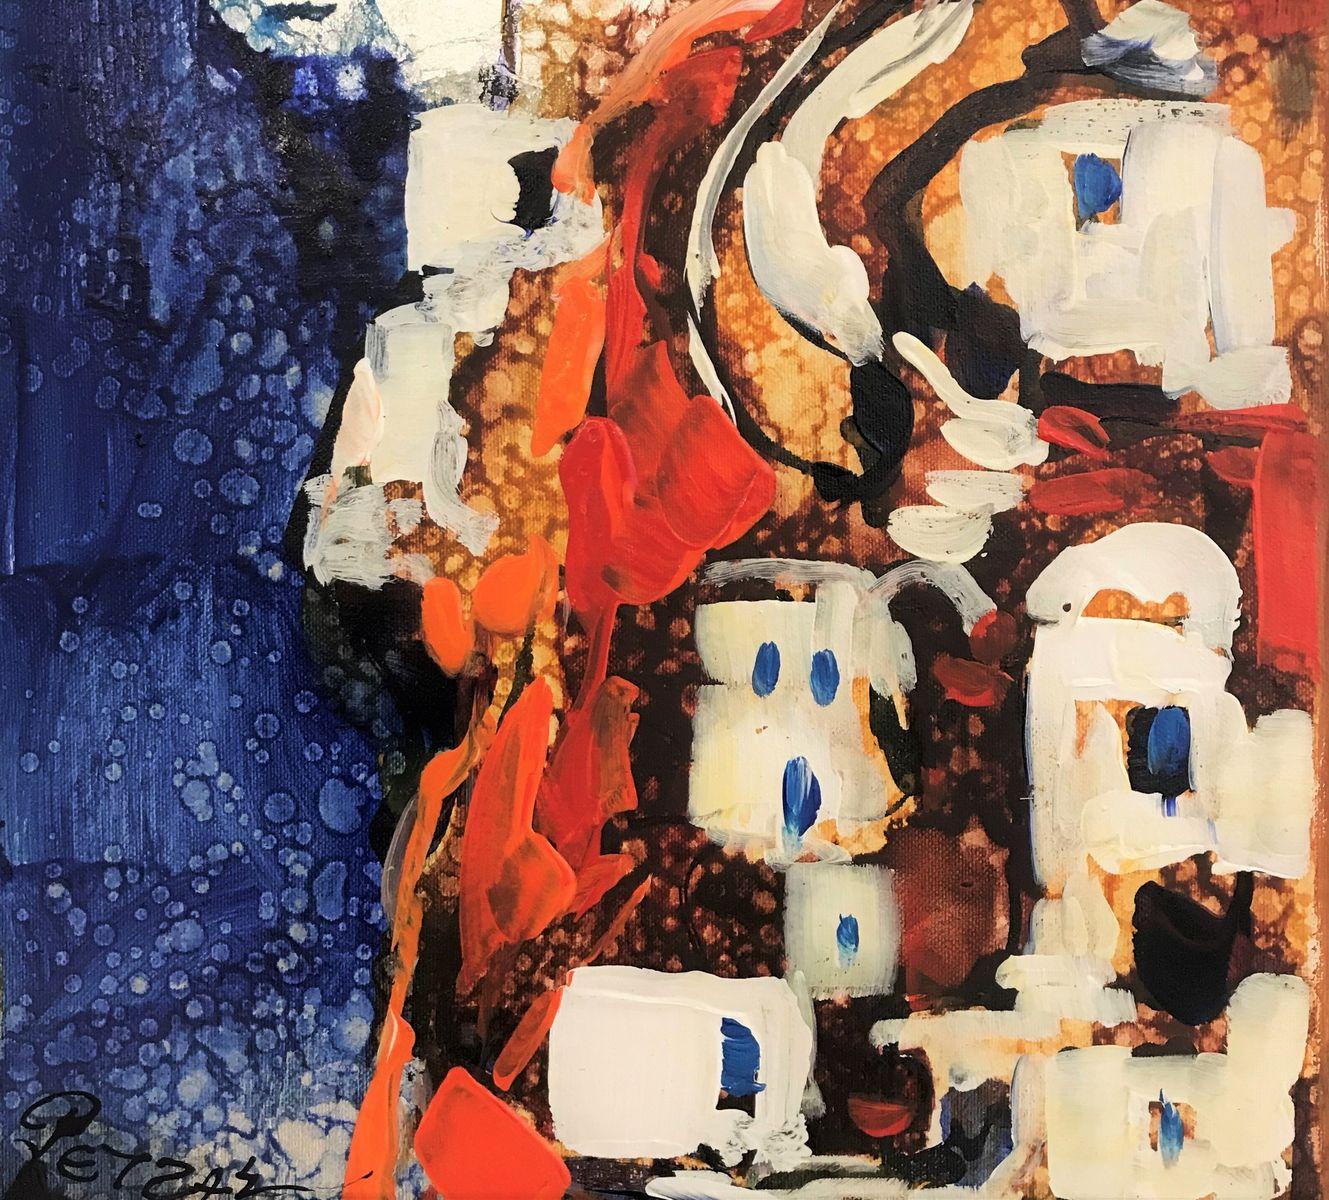 Ρέντης Ρετζάς 27×30 εκ. Ακρυλικά σε καμβά Redis Retzas 27×30 cm Acrylics on canvas